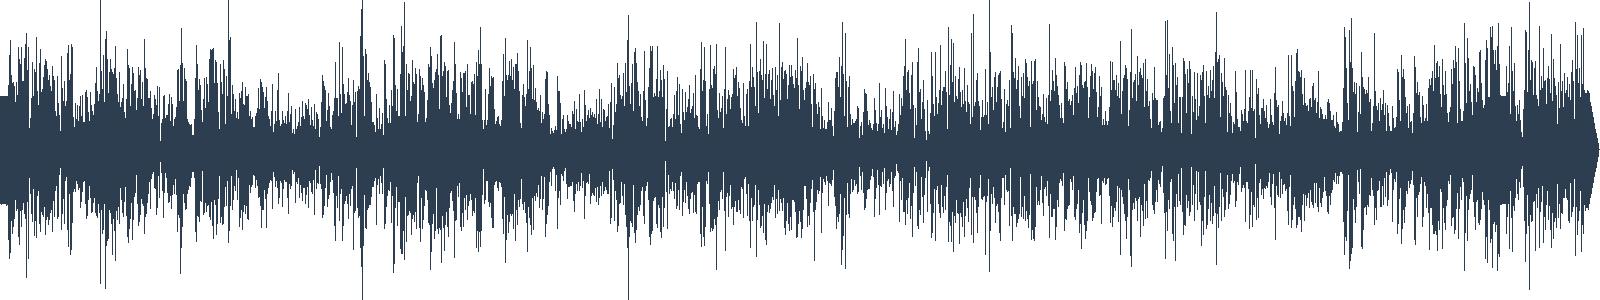 Audinovinky 56 - Balení žen ze záhrobí waveform